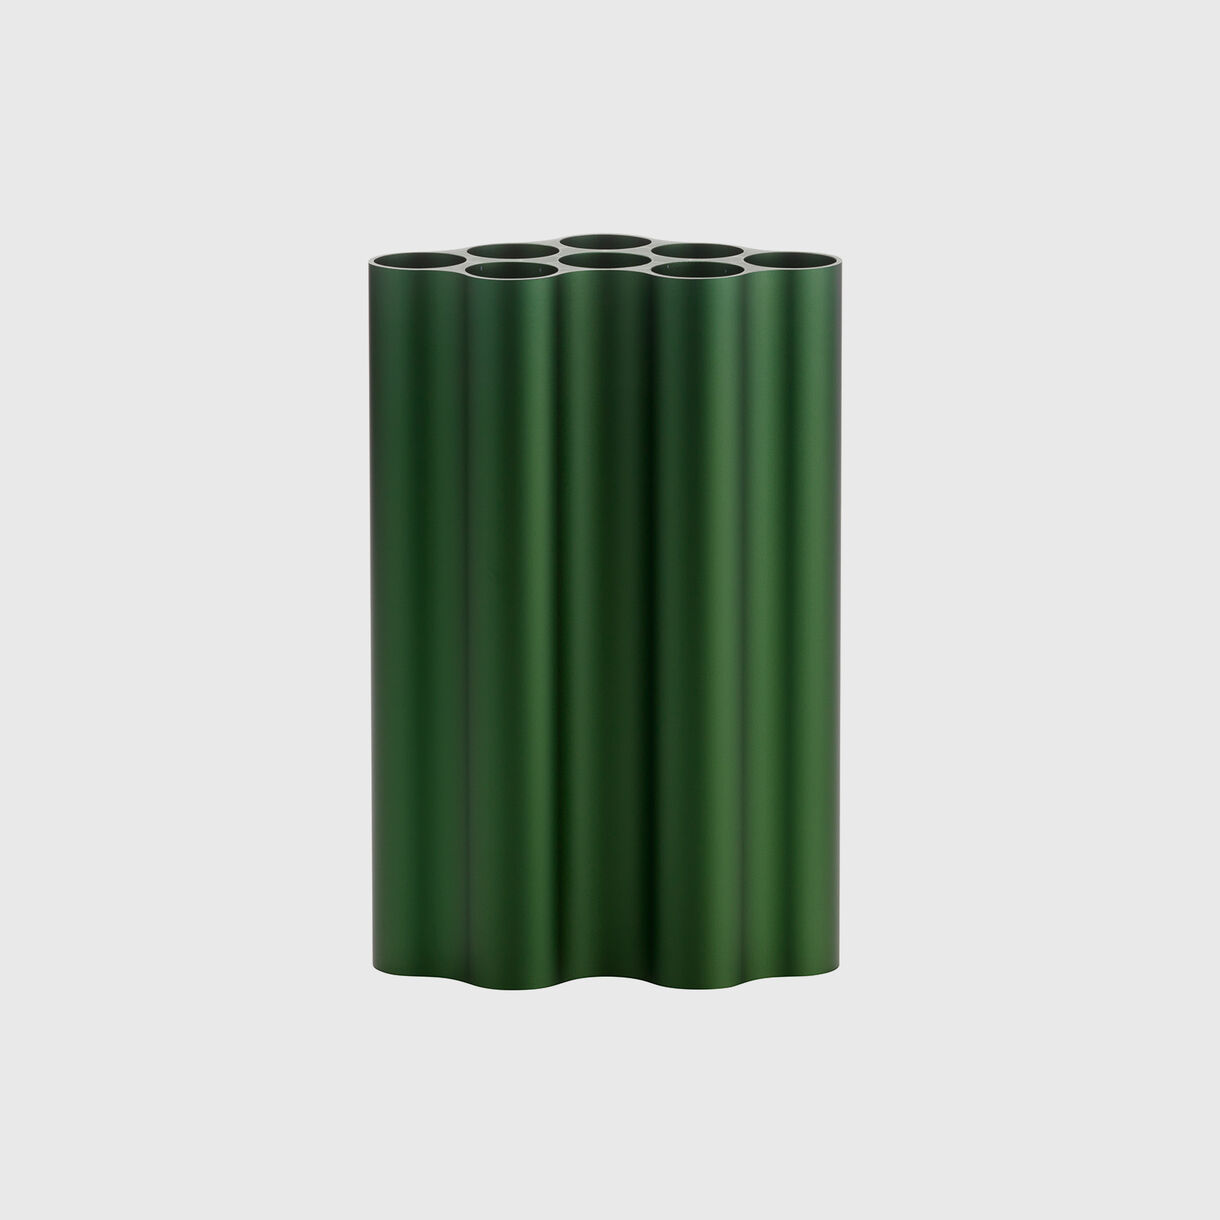 Nuage Vase, Ivy, Large